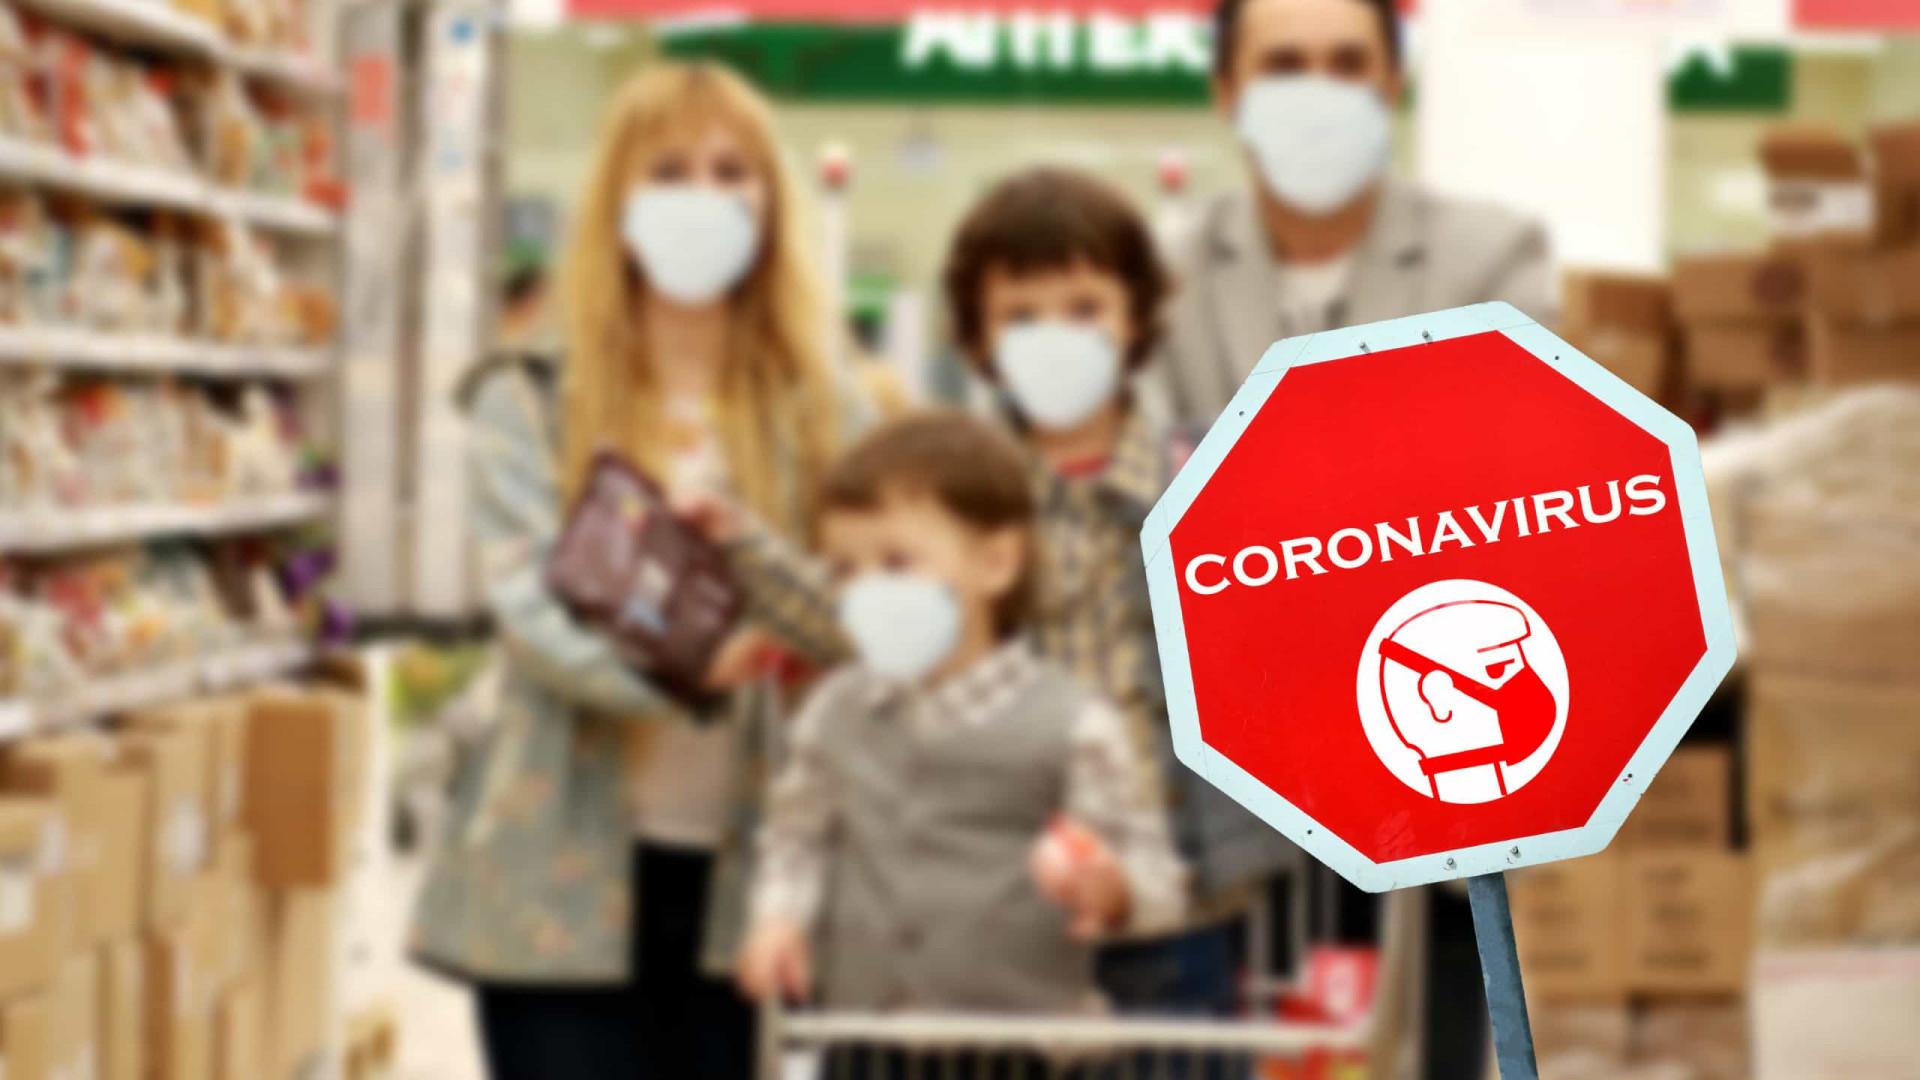 Europa reage a nova alta de casos de Covid com toque de recolher e estado de calamidade